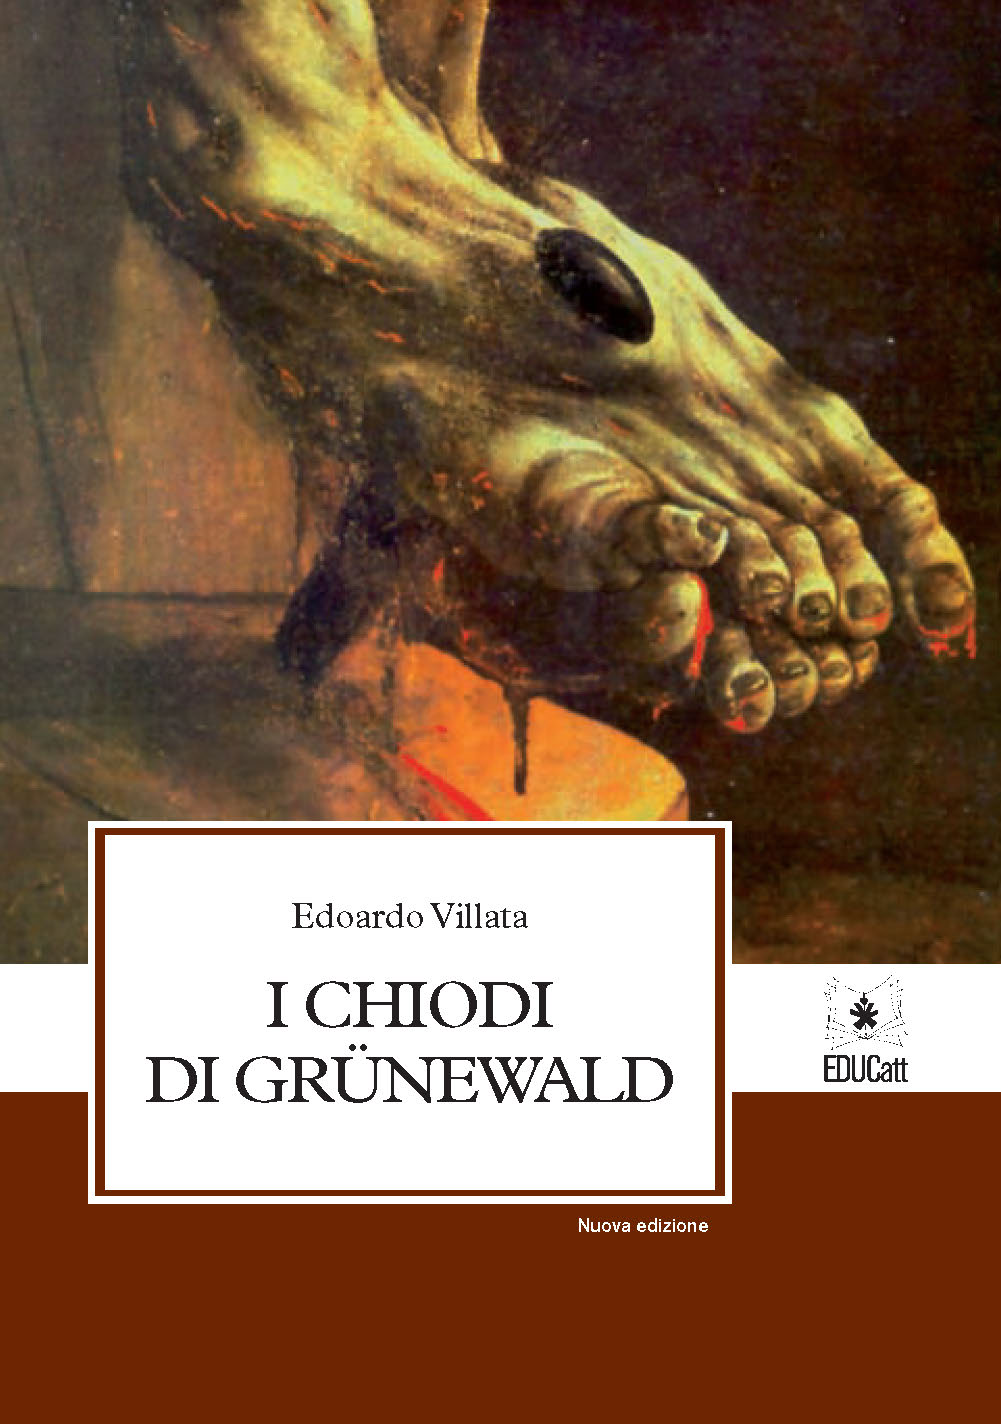 I CHIODI DI GRUNEWALD